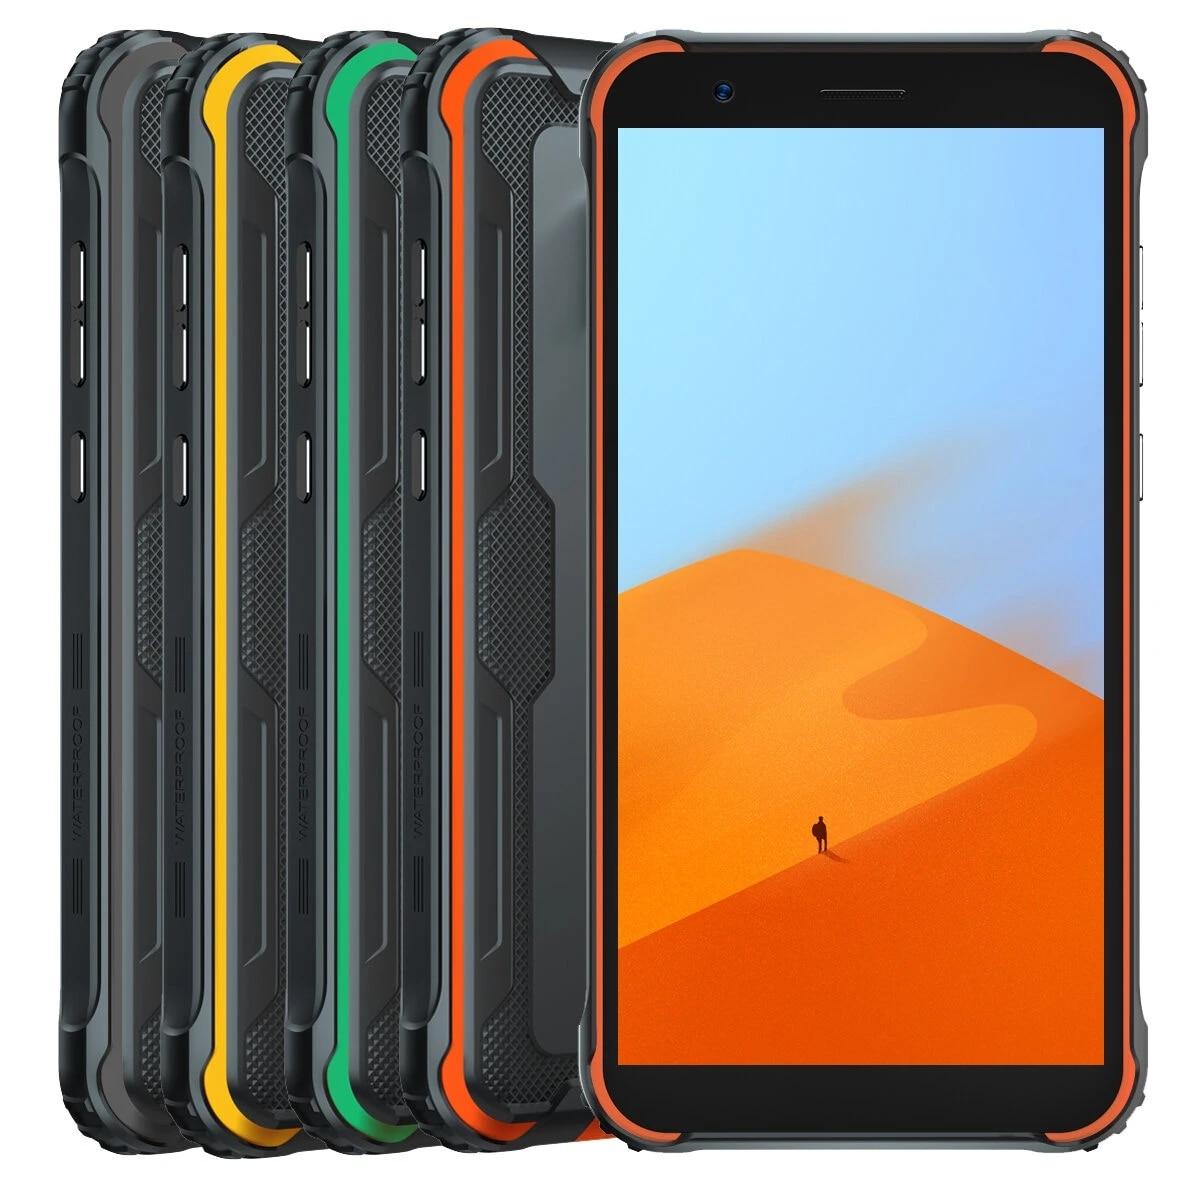 Перейти на Алиэкспресс и купить Blackview BV4900 PRO глобальная версия IP68/IP69K 5,7-дюймовый NFC Android 10 5580 мАч 4 Гб 64 Гб Helio A22 Четырехъядерный 4G смартфон